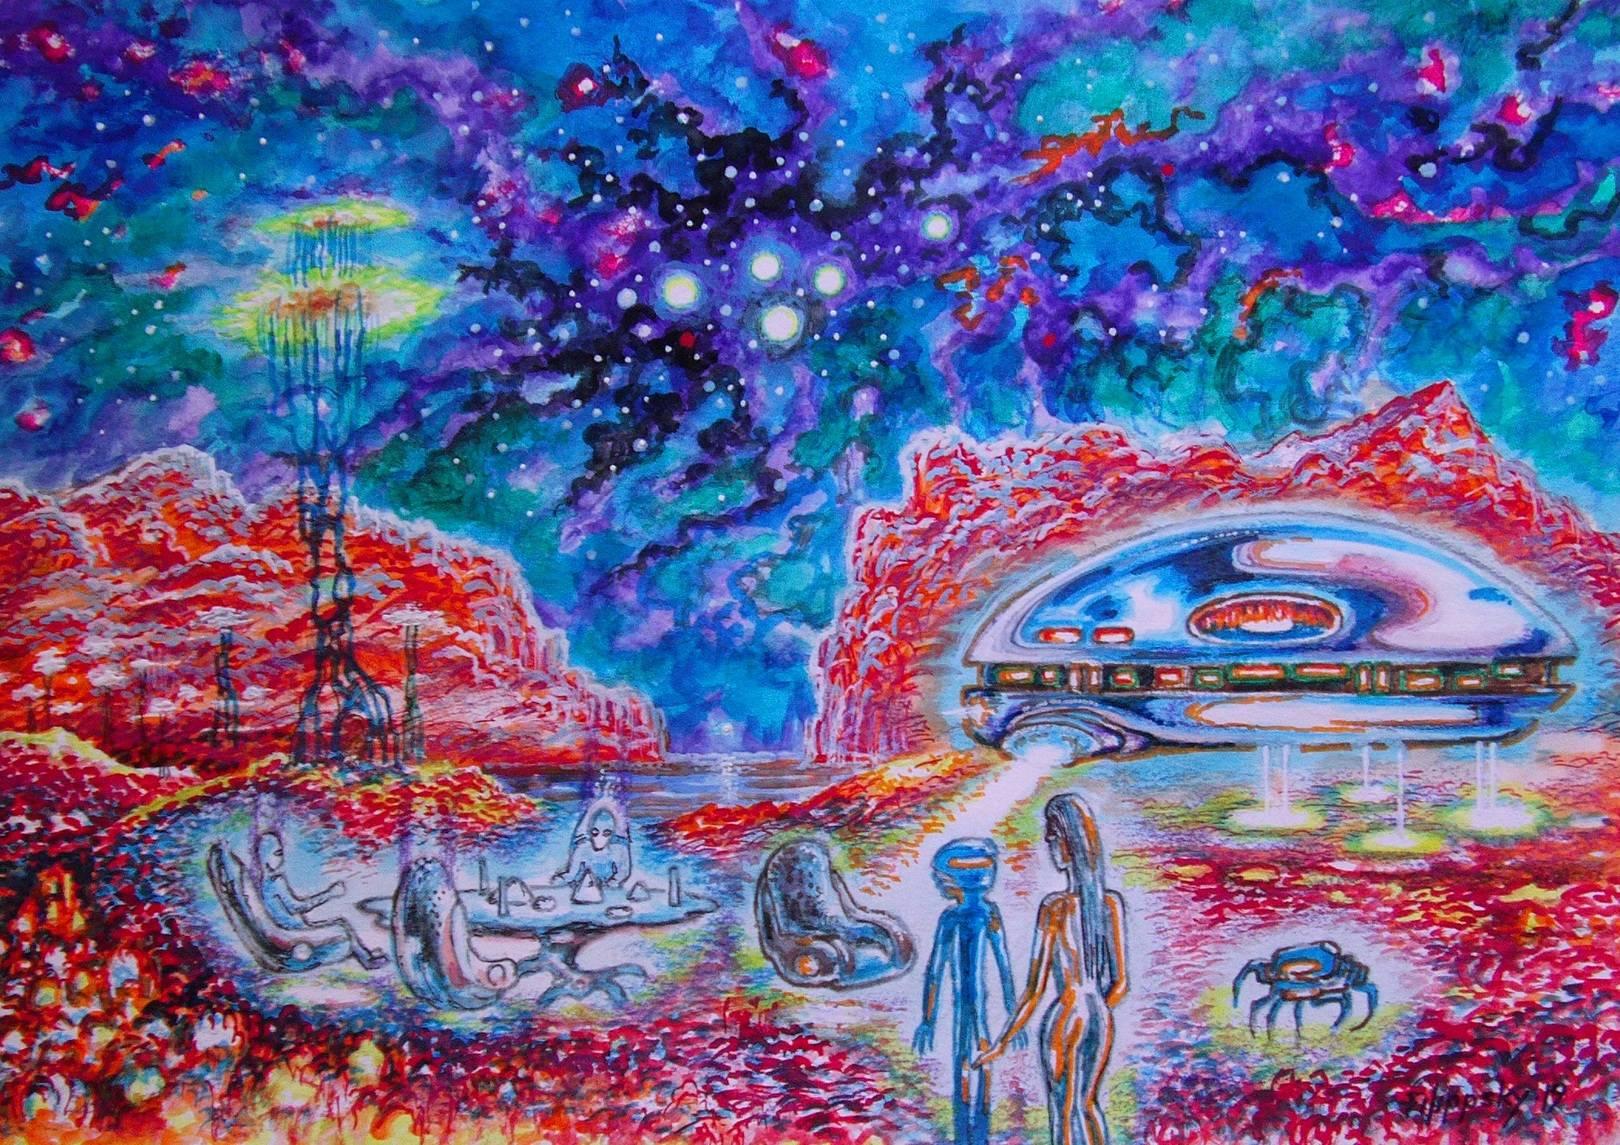 НЛО.Пикник на пути в Галактику.